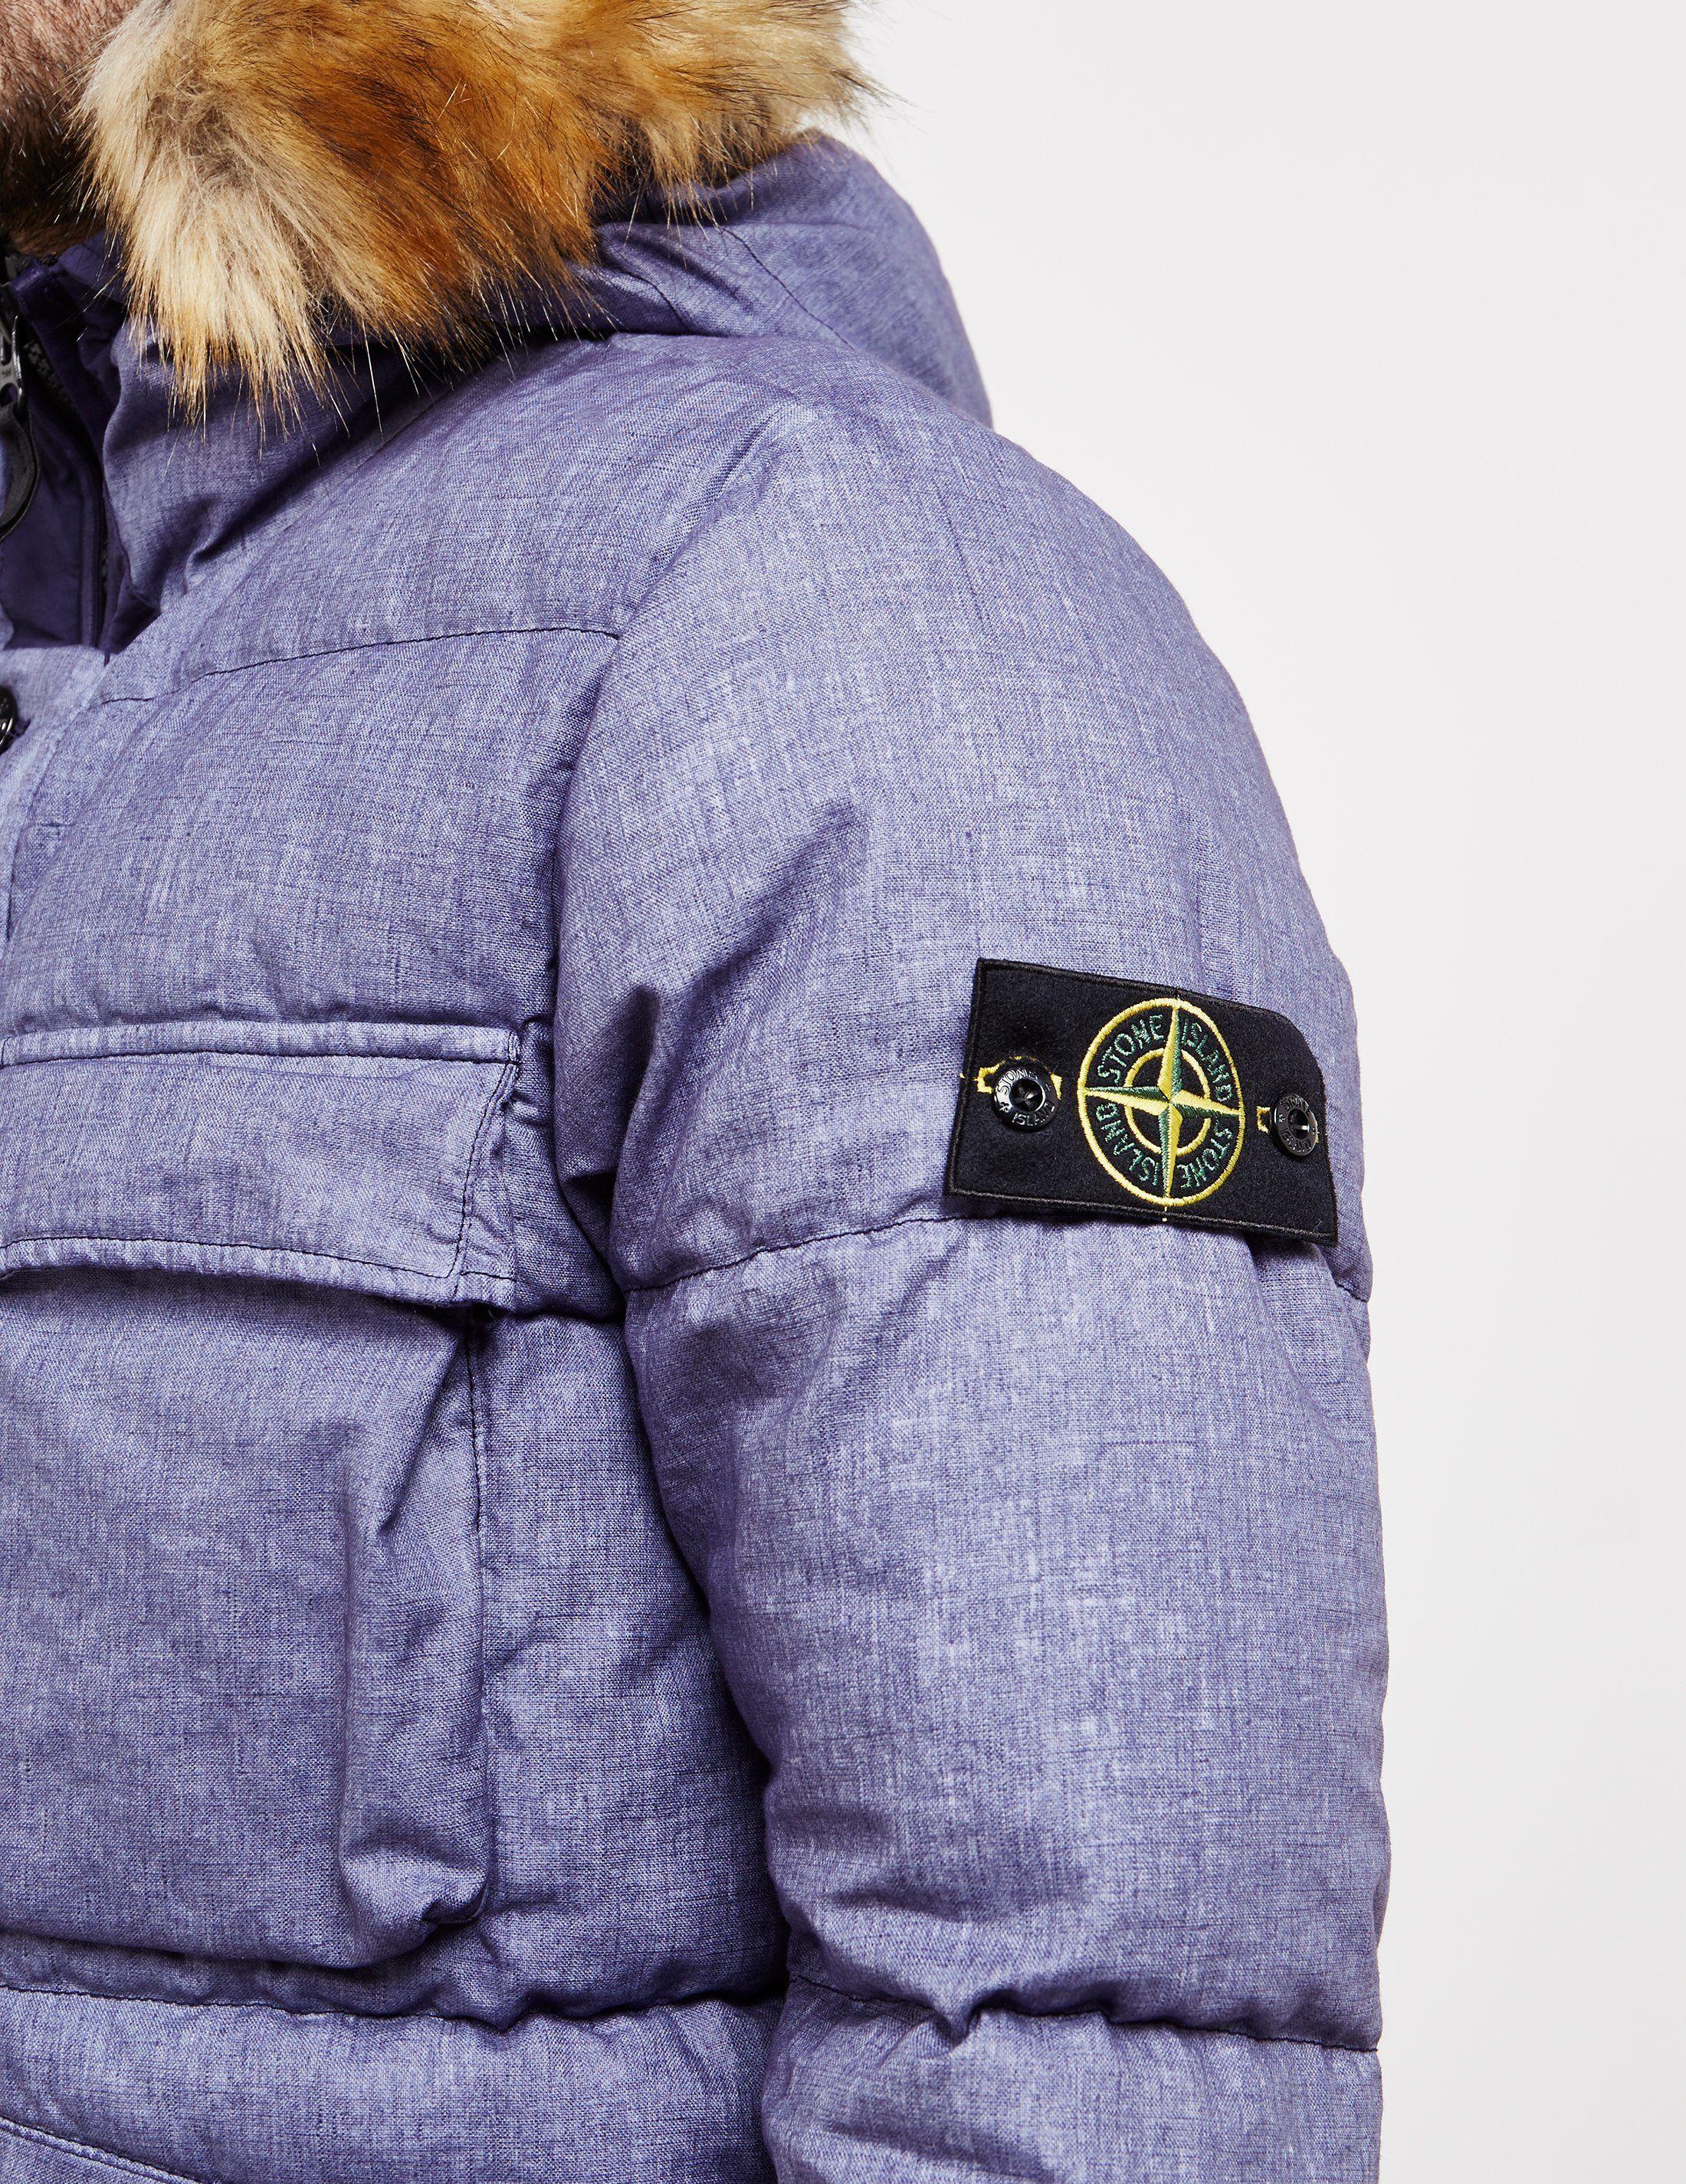 Stone Island Resin Padded Jacket